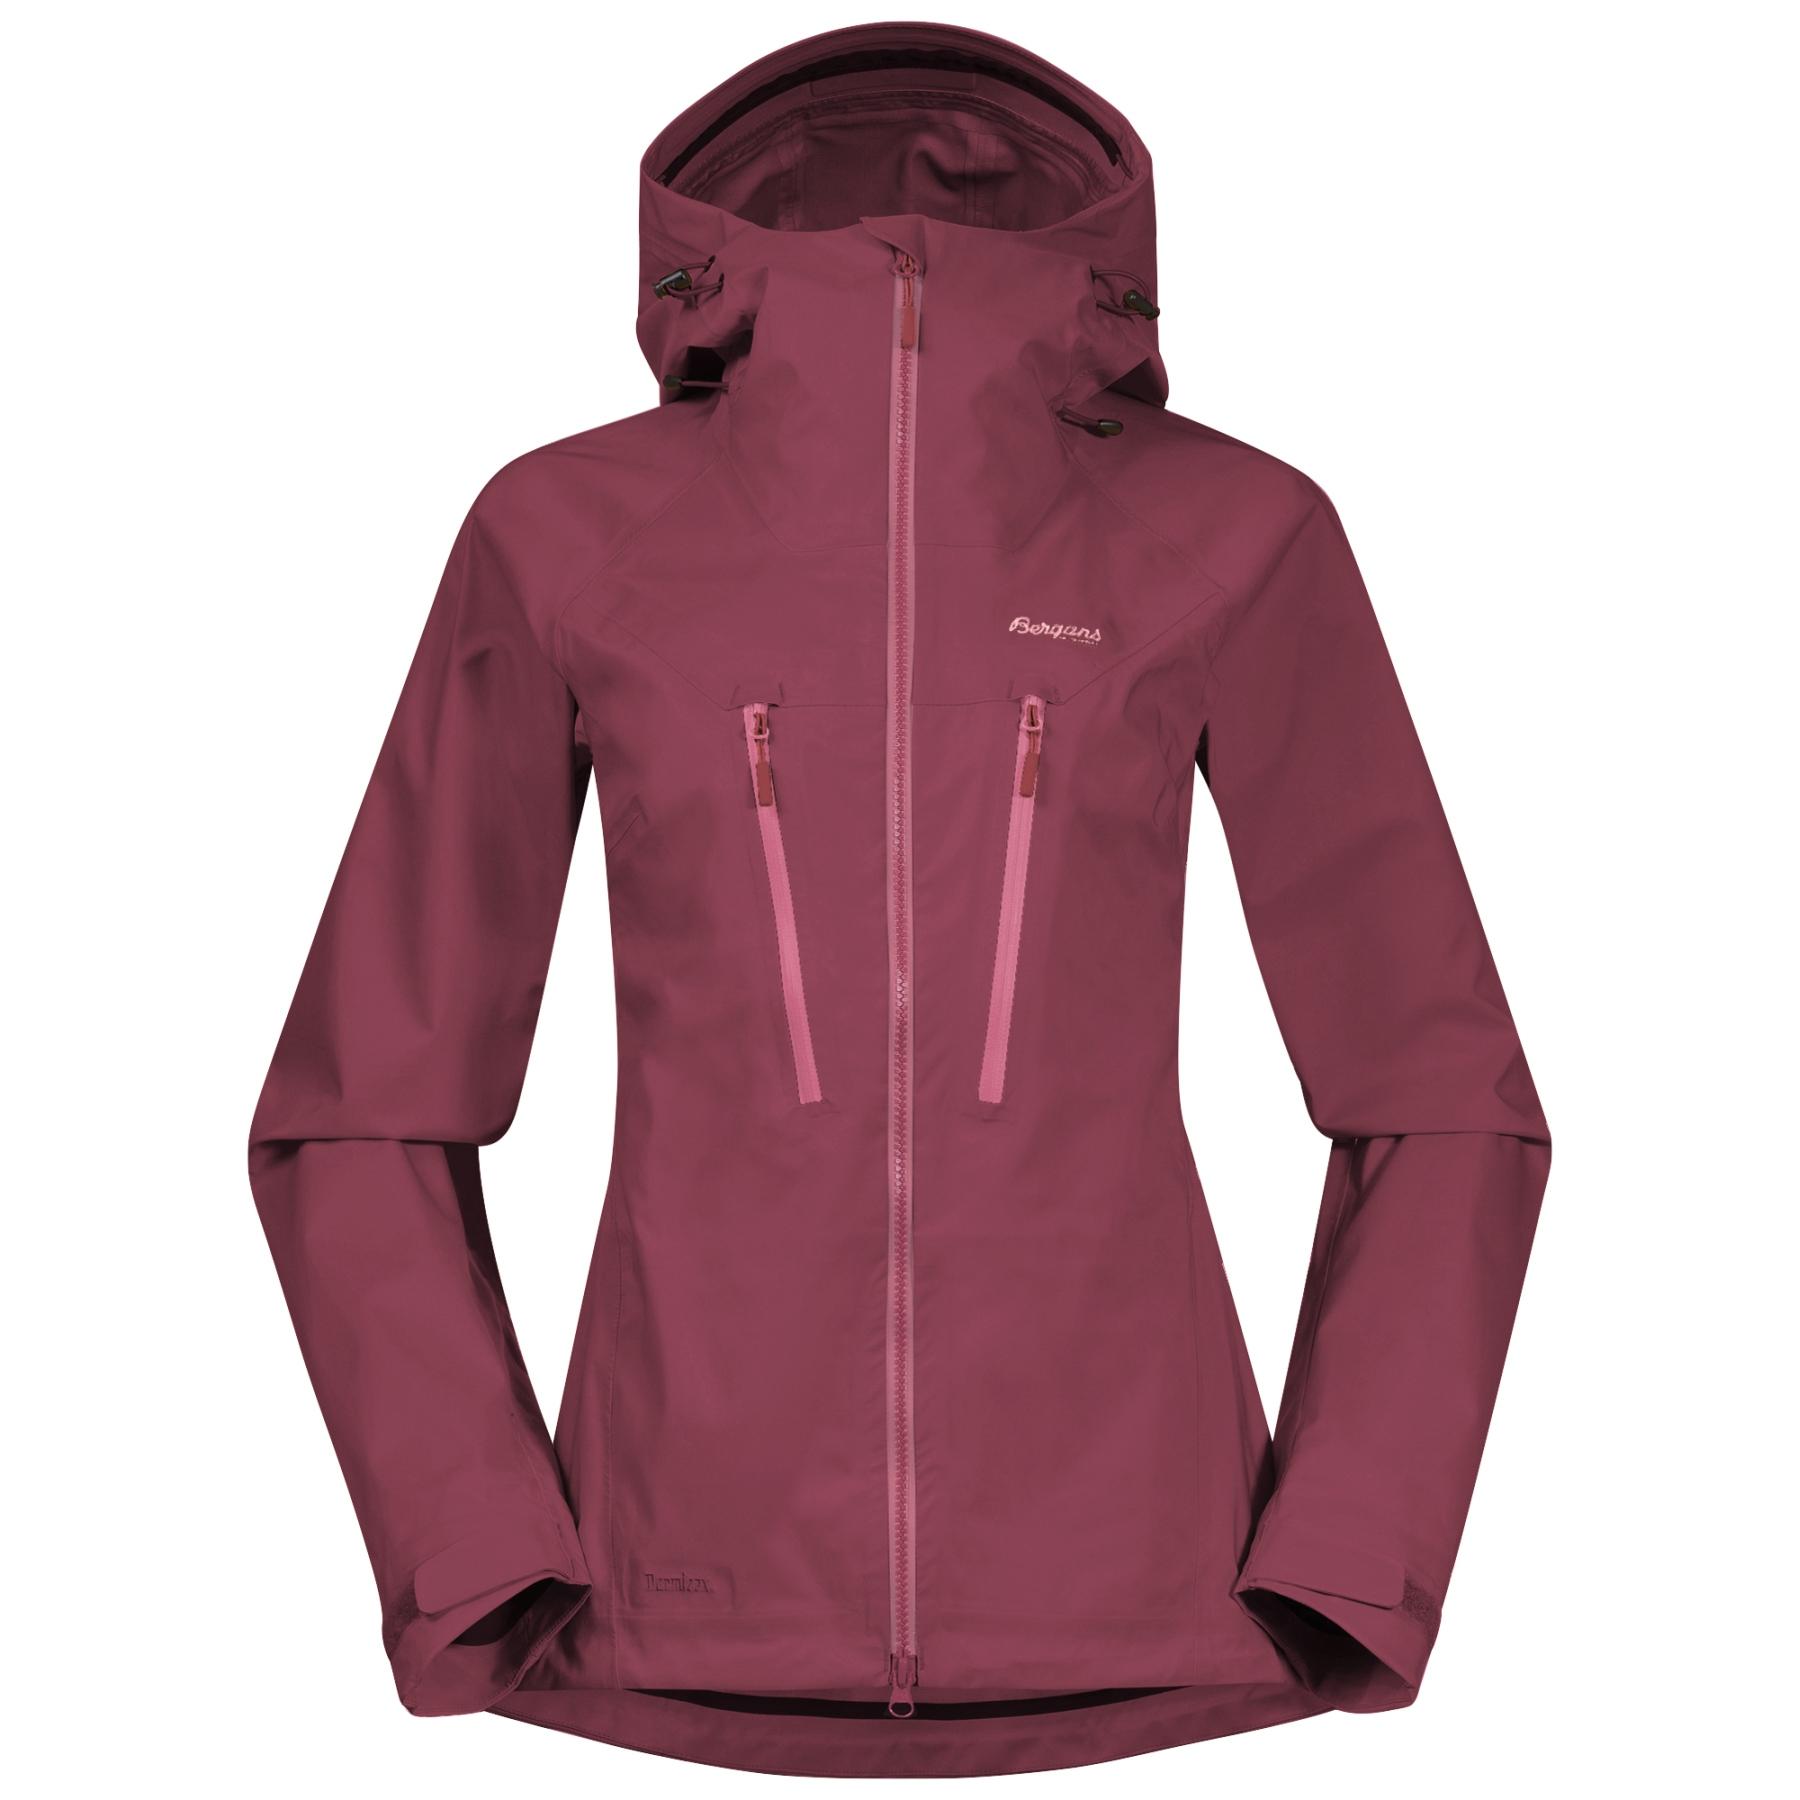 Produktbild von Bergans Cecilie Mountain Softshell Damenjacke - dark creamy rouge/creamy rouge